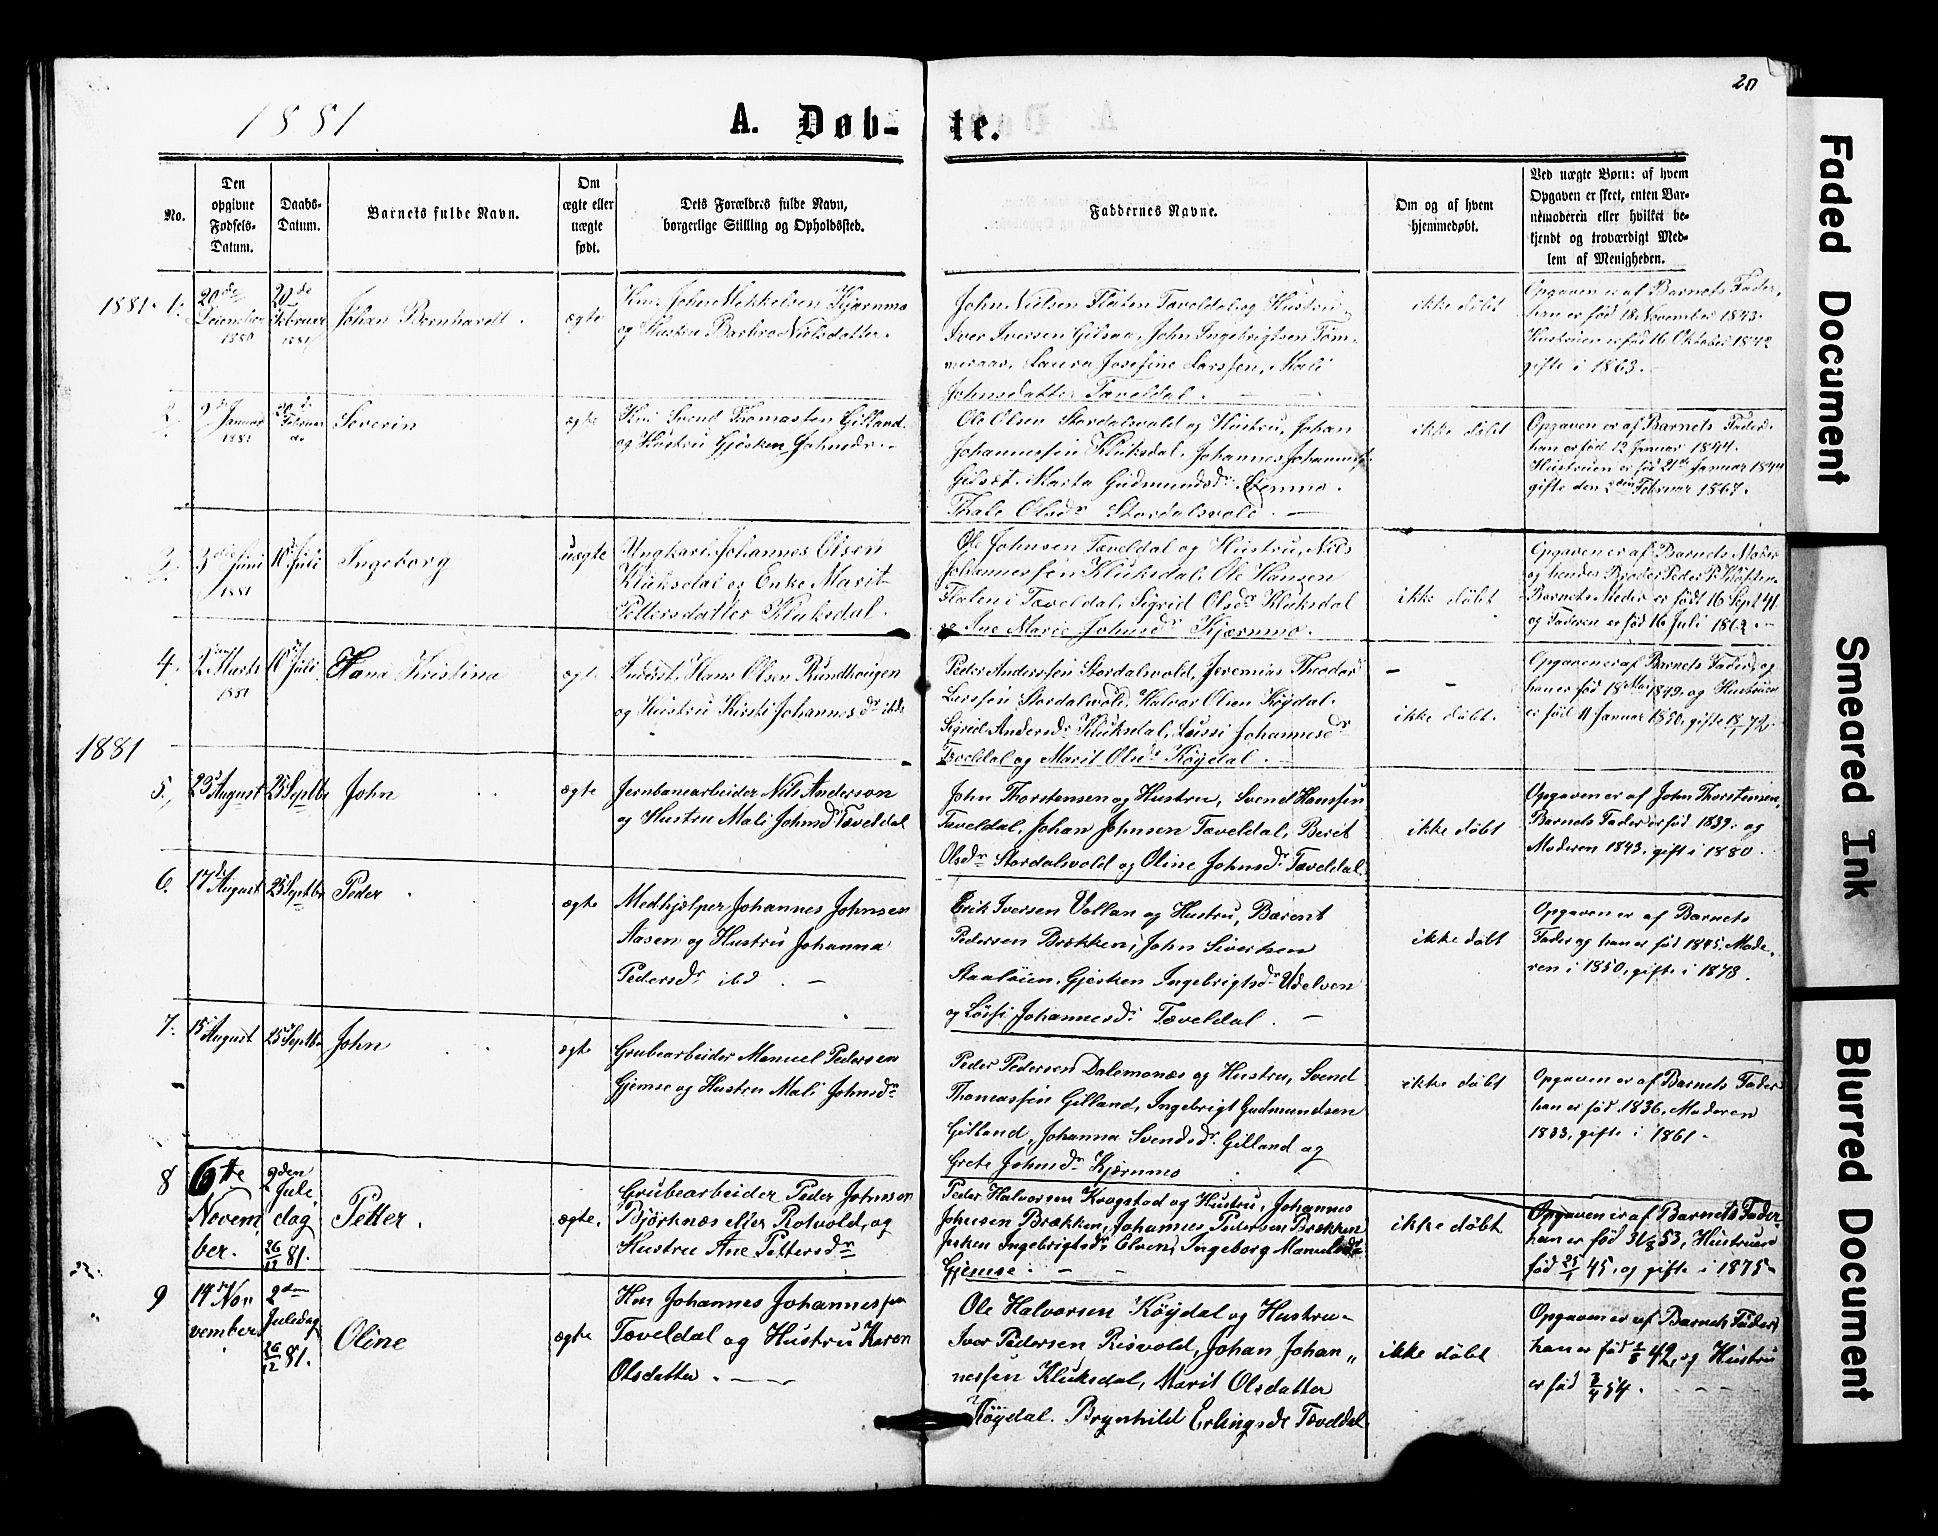 SAT, Ministerialprotokoller, klokkerbøker og fødselsregistre - Nord-Trøndelag, 707/L0052: Klokkerbok nr. 707C01, 1864-1897, s. 20